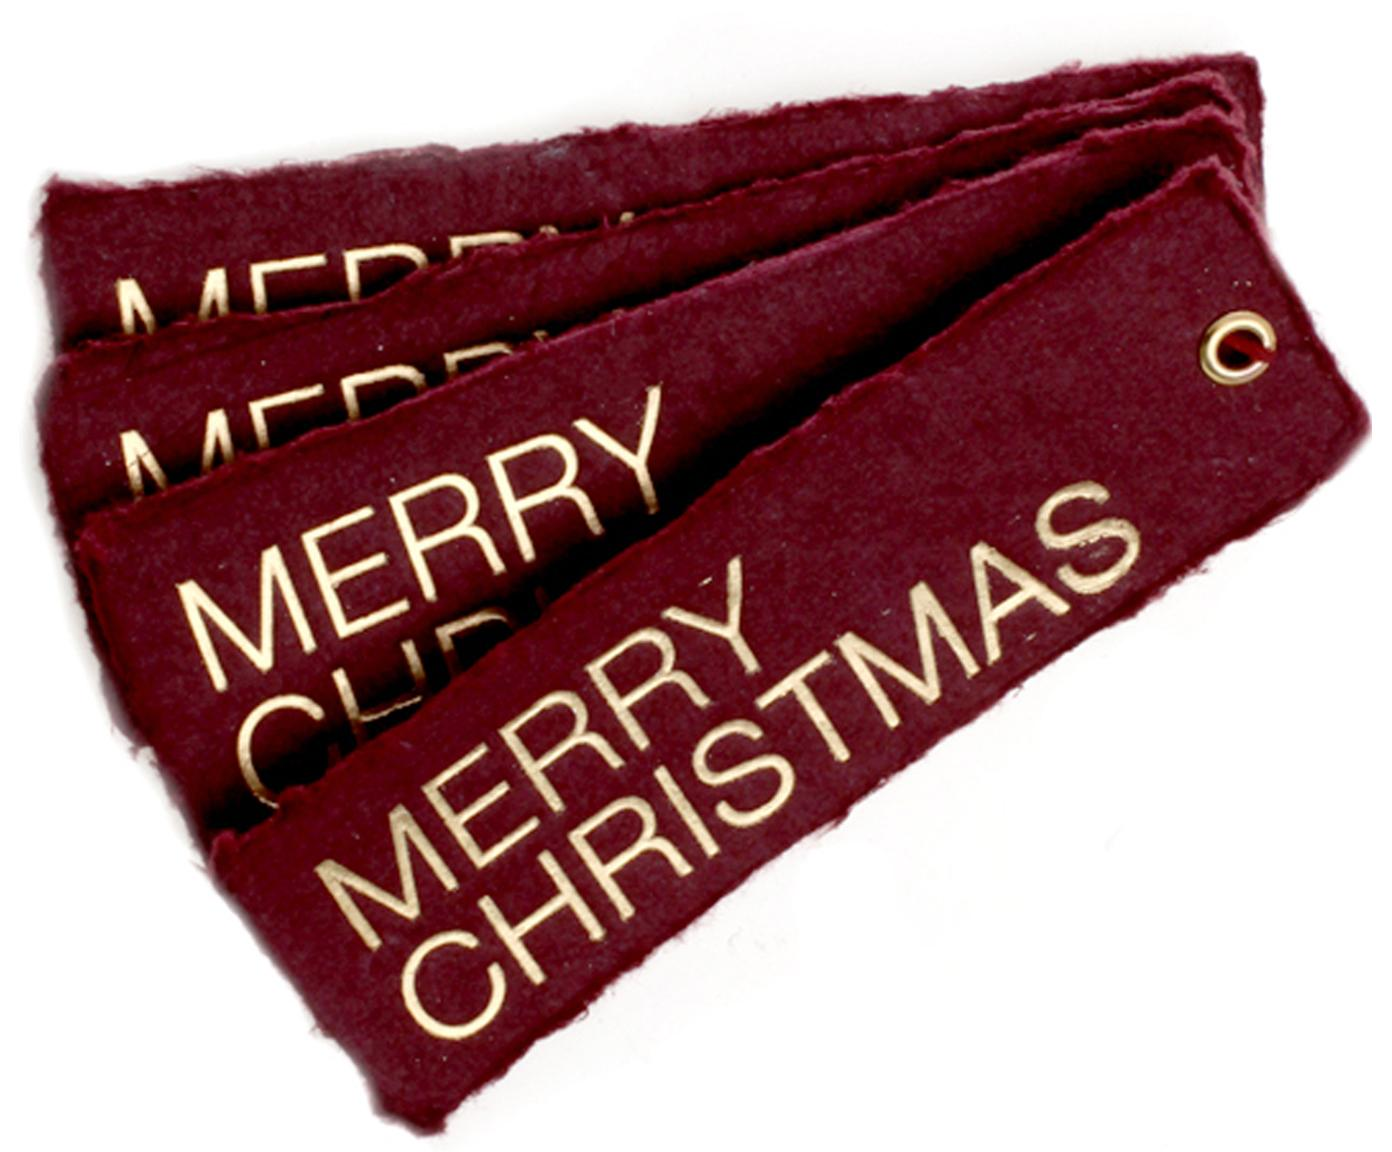 Geschenkanhänger Christmas, 4 Stück, Öse: Metall, beschichtet, Goldfarben, Weinrot, 4 x 12 cm